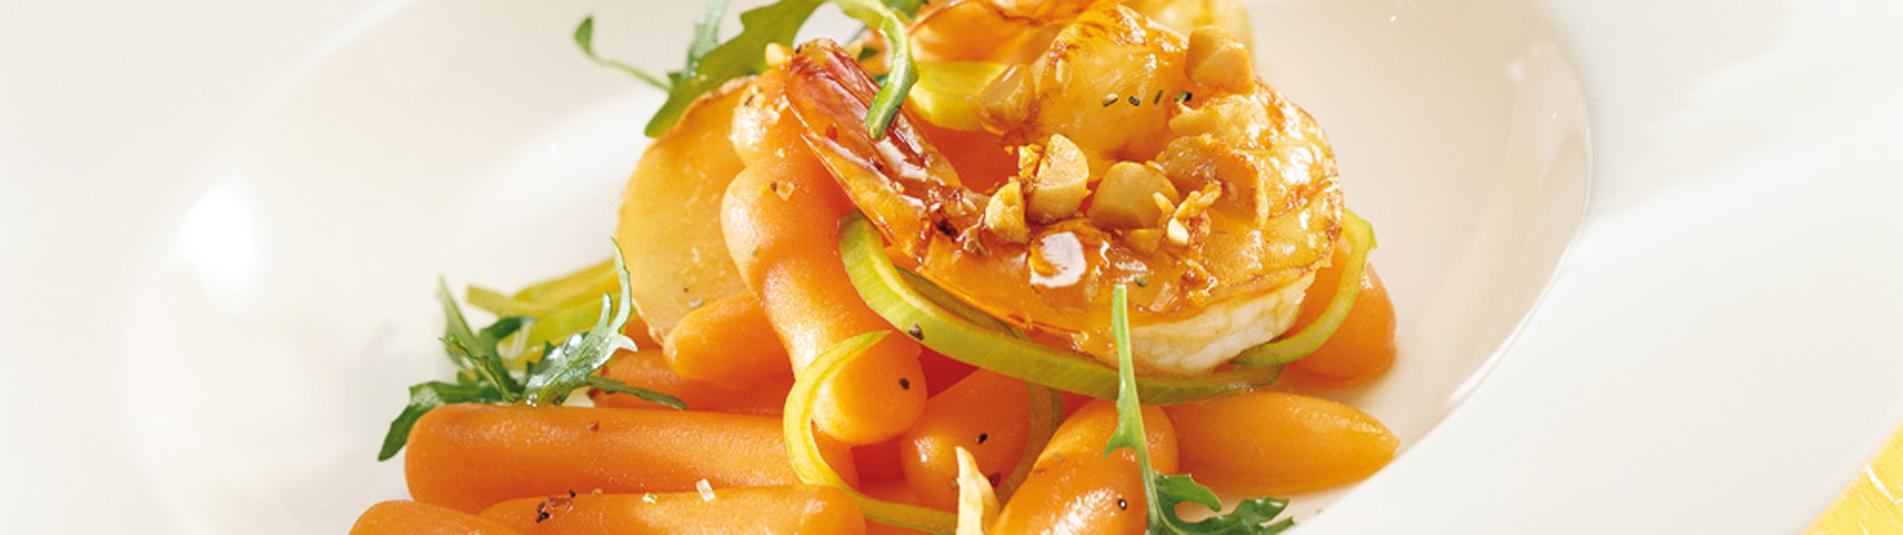 Ingwer Rezept mit lauwarmen Karotten und Garnelen